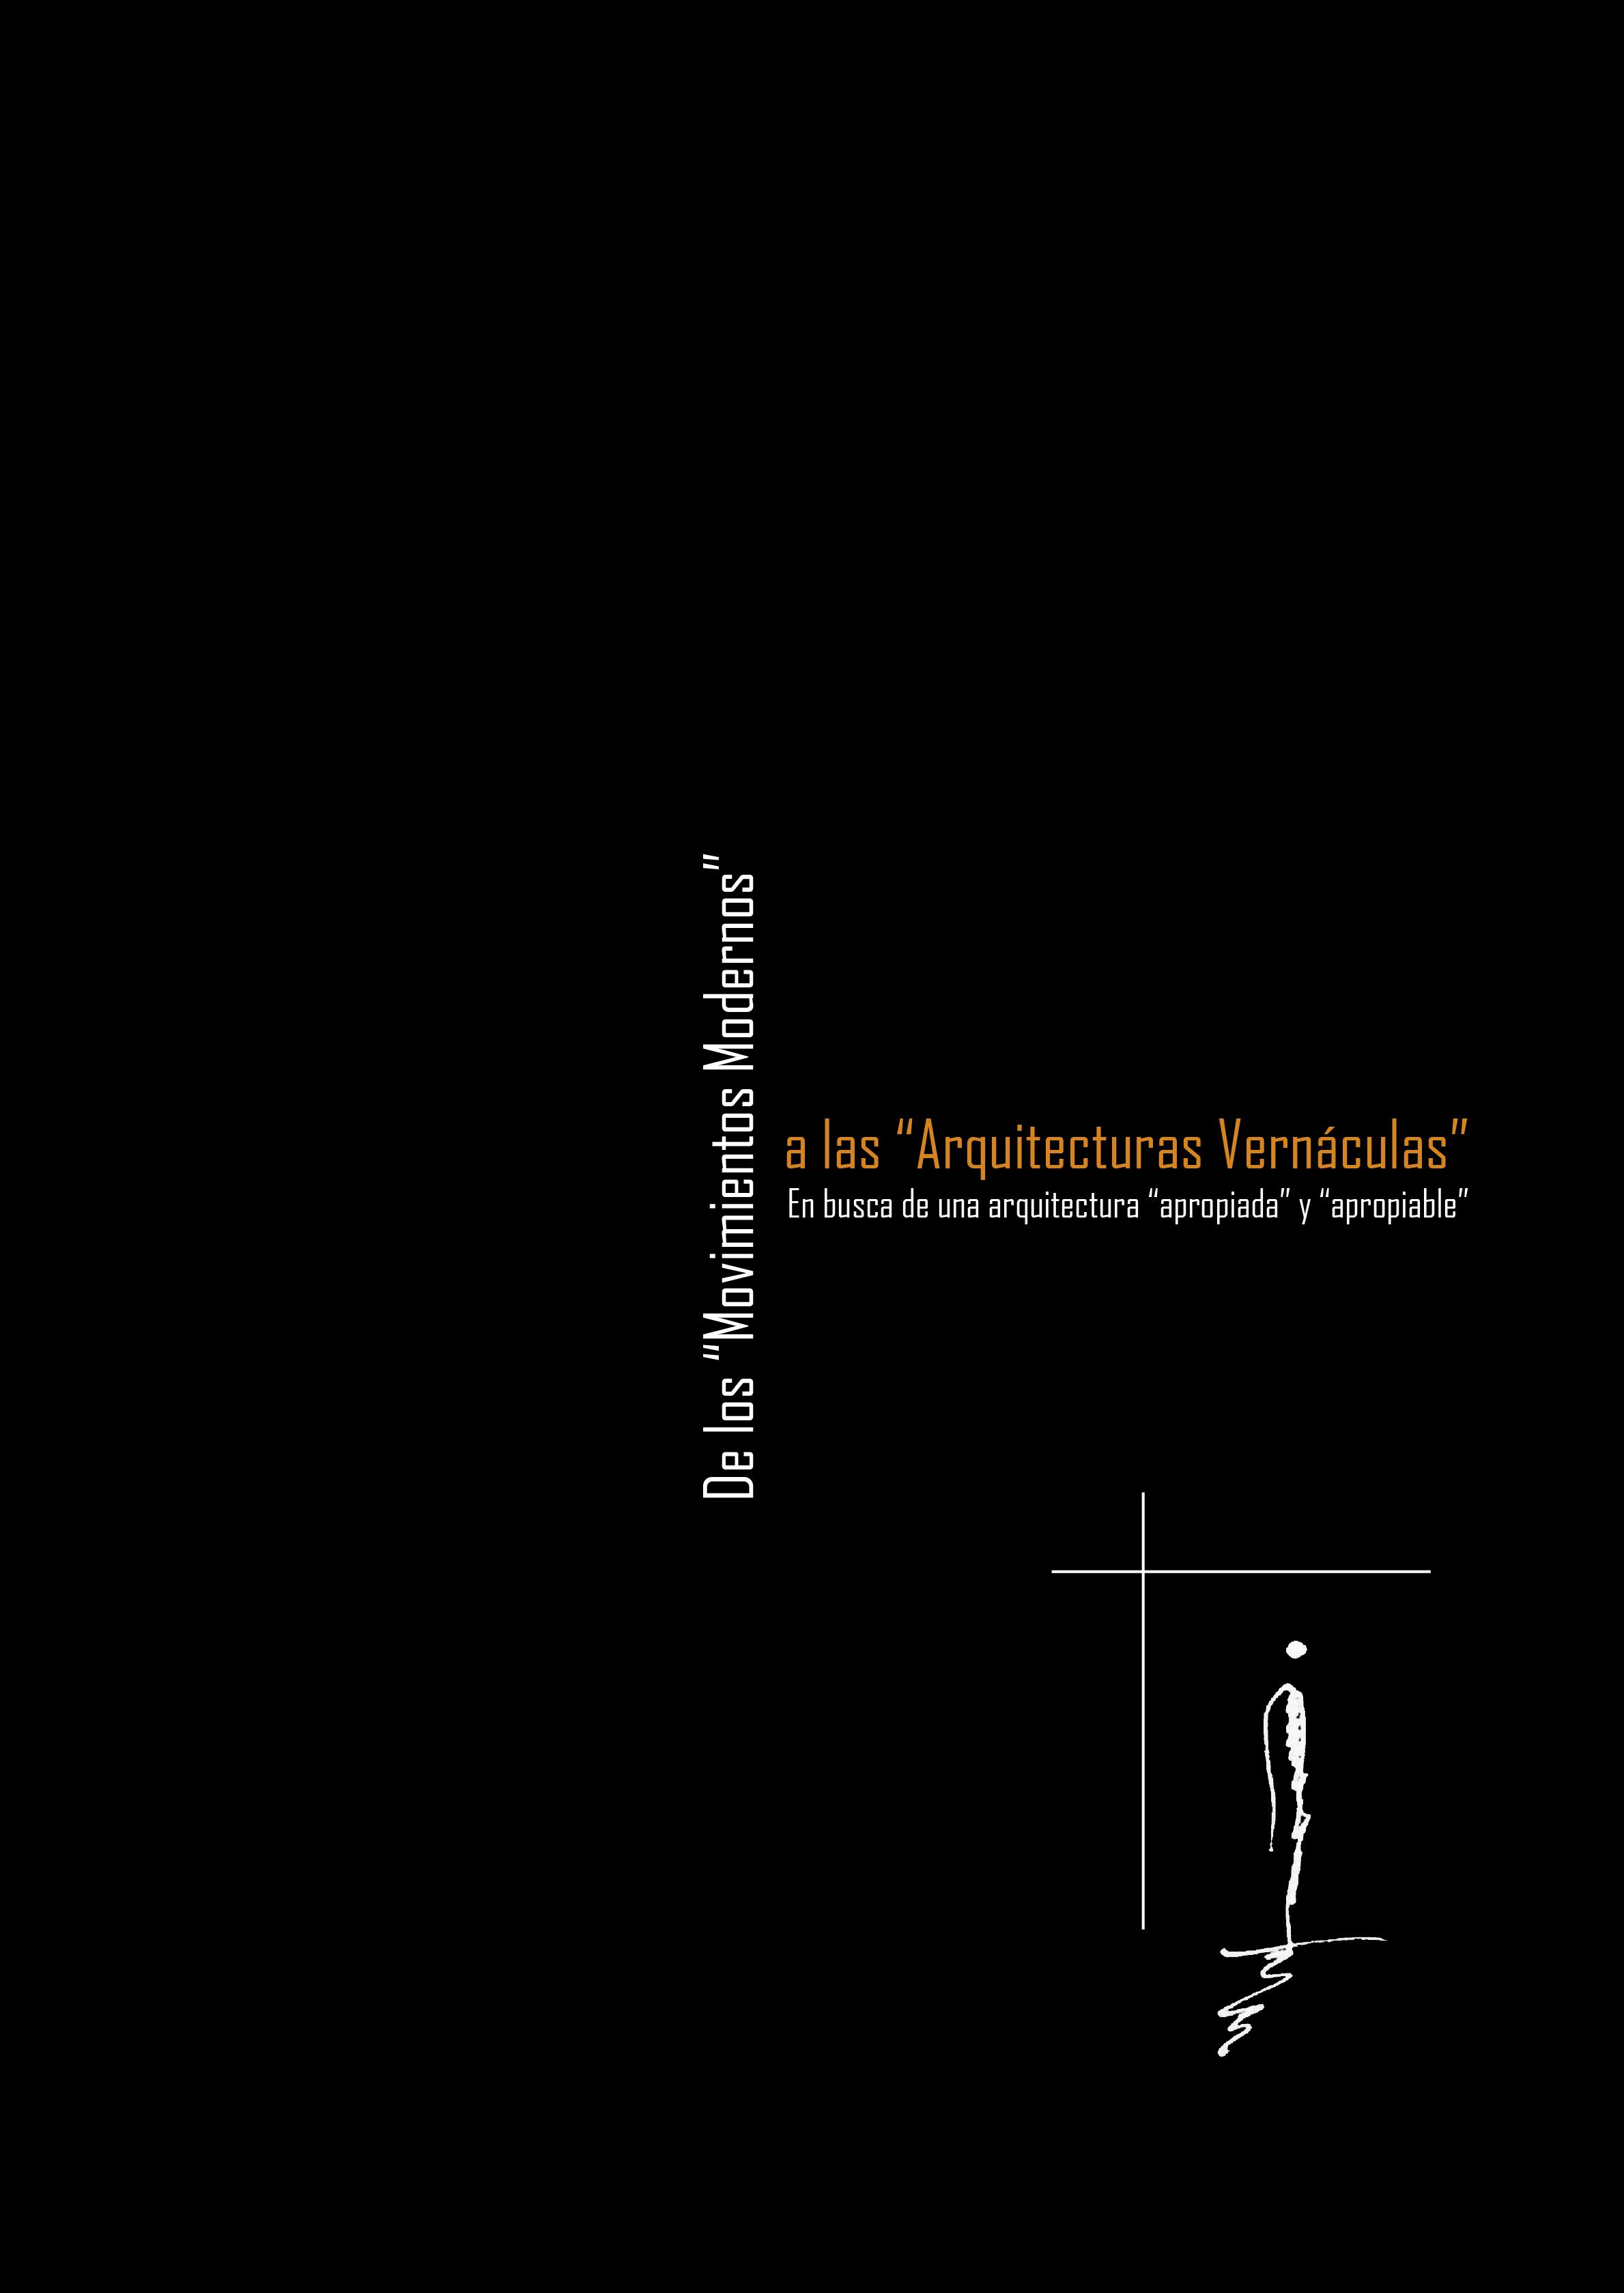 Caratula De los Moviemientos Modernos a las Arquitecturas Vernáculas.jpg